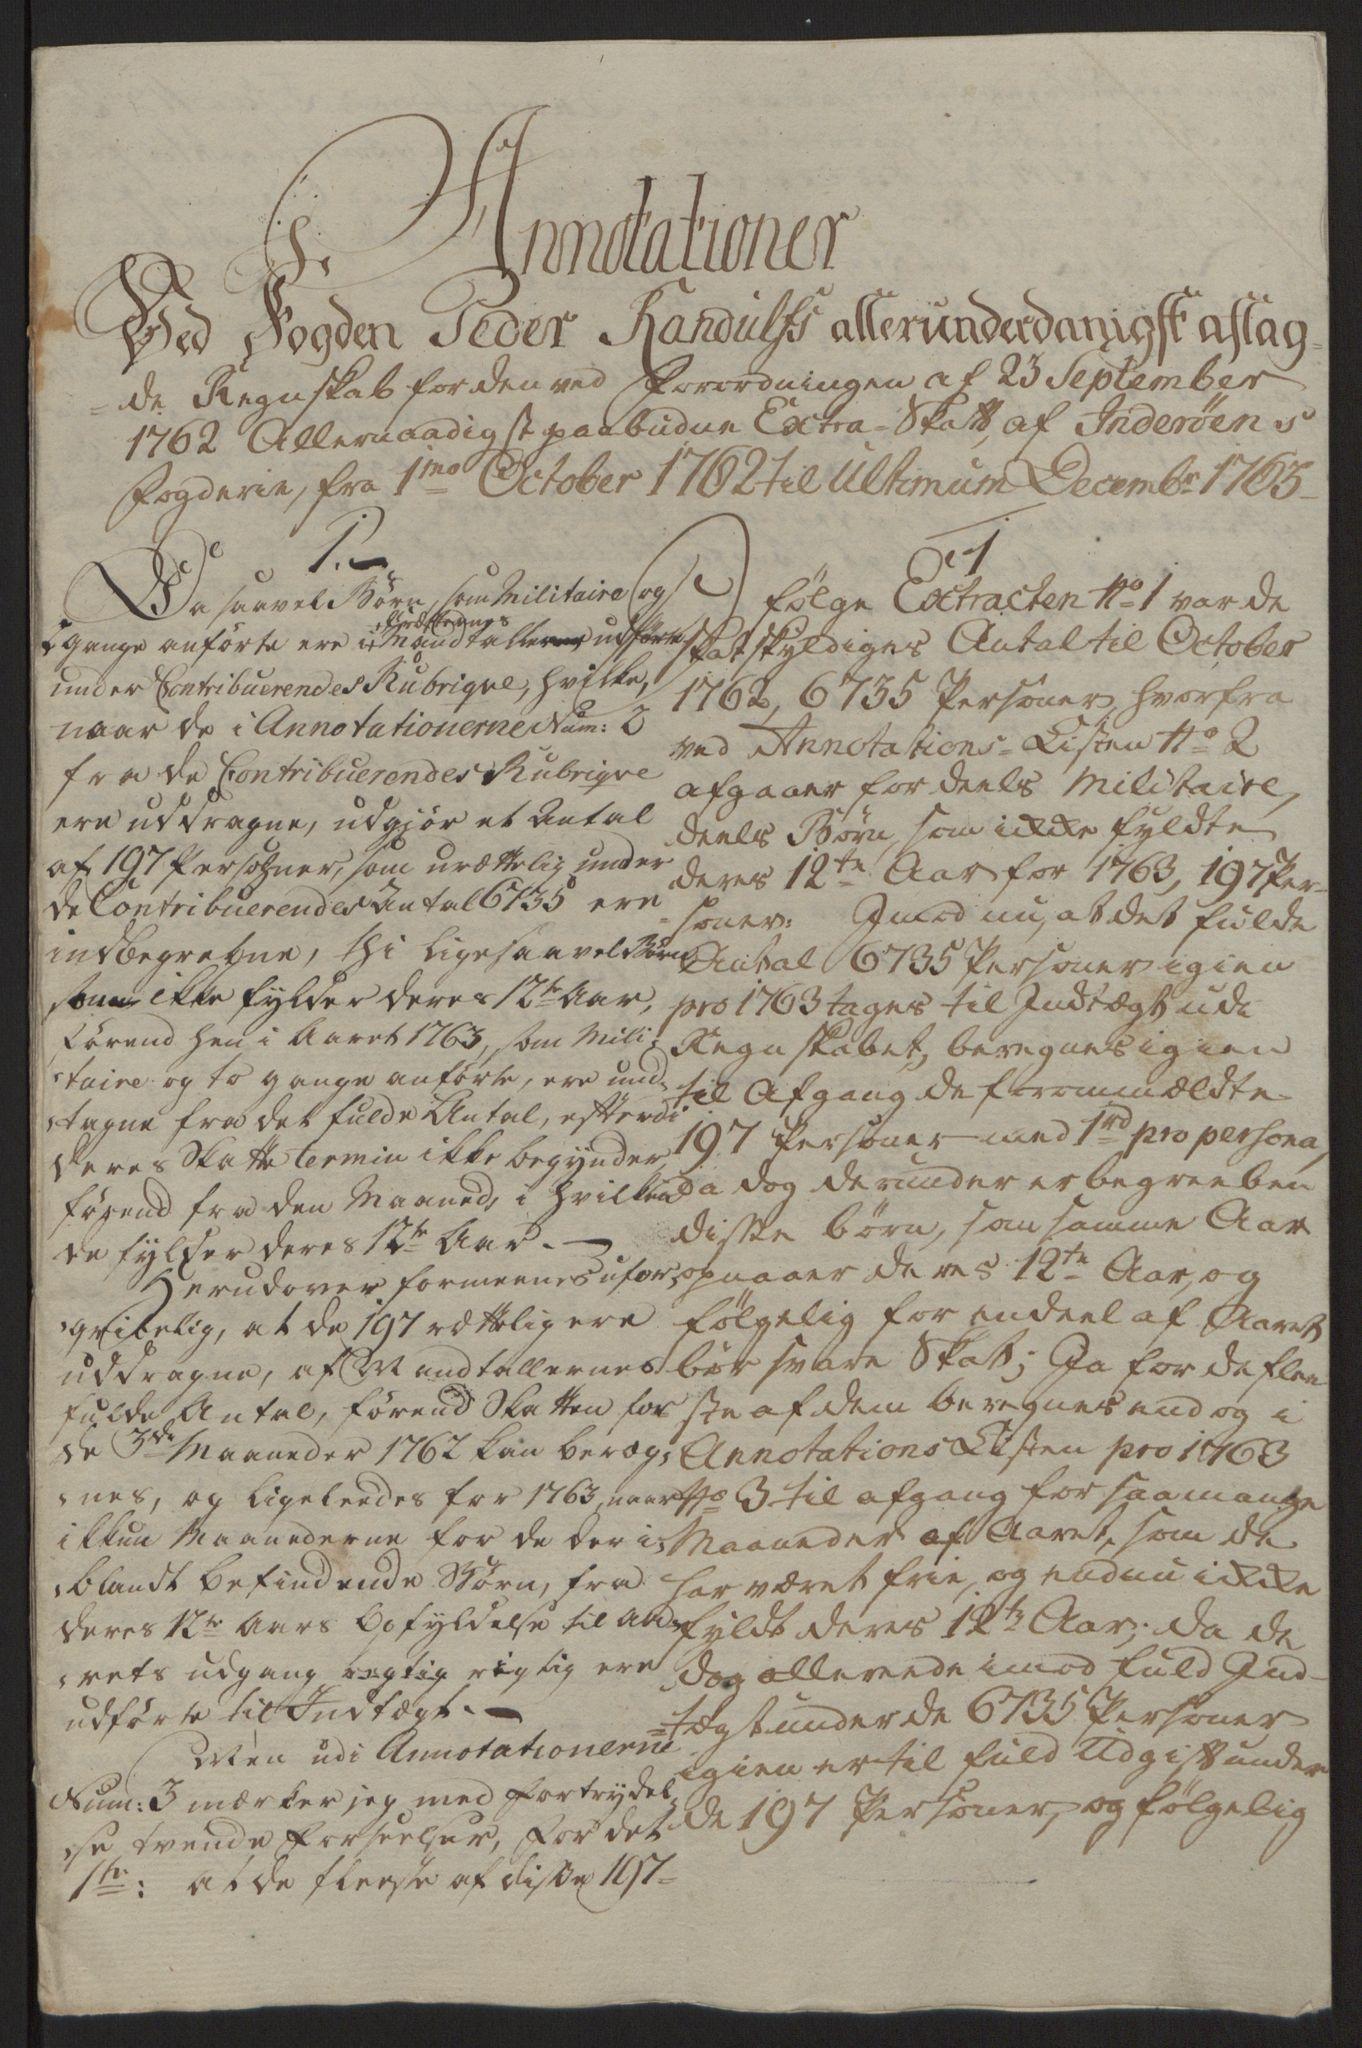 RA, Rentekammeret inntil 1814, Reviderte regnskaper, Fogderegnskap, R63/L4420: Ekstraskatten Inderøy, 1762-1772, s. 68